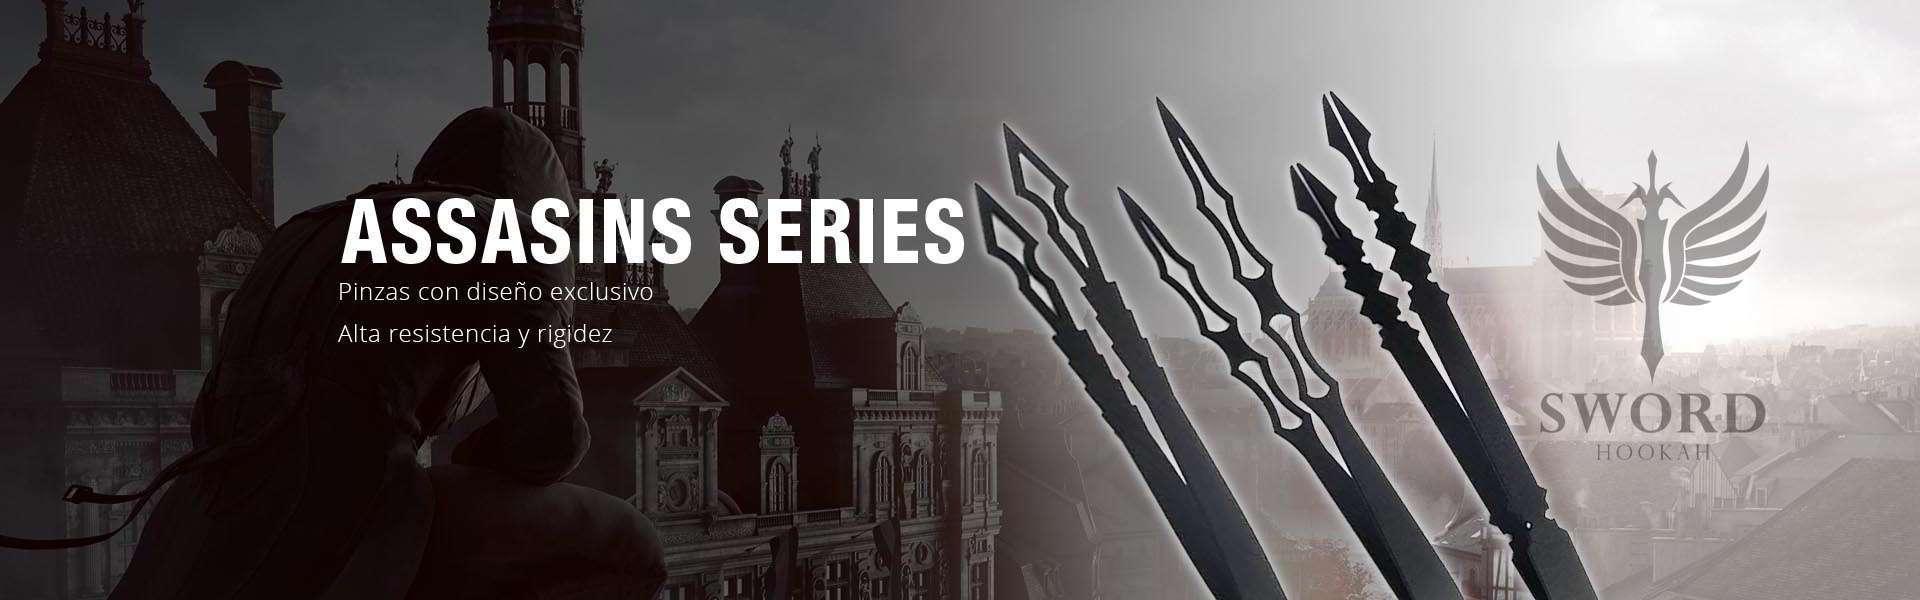 Pinzas Assasins Series